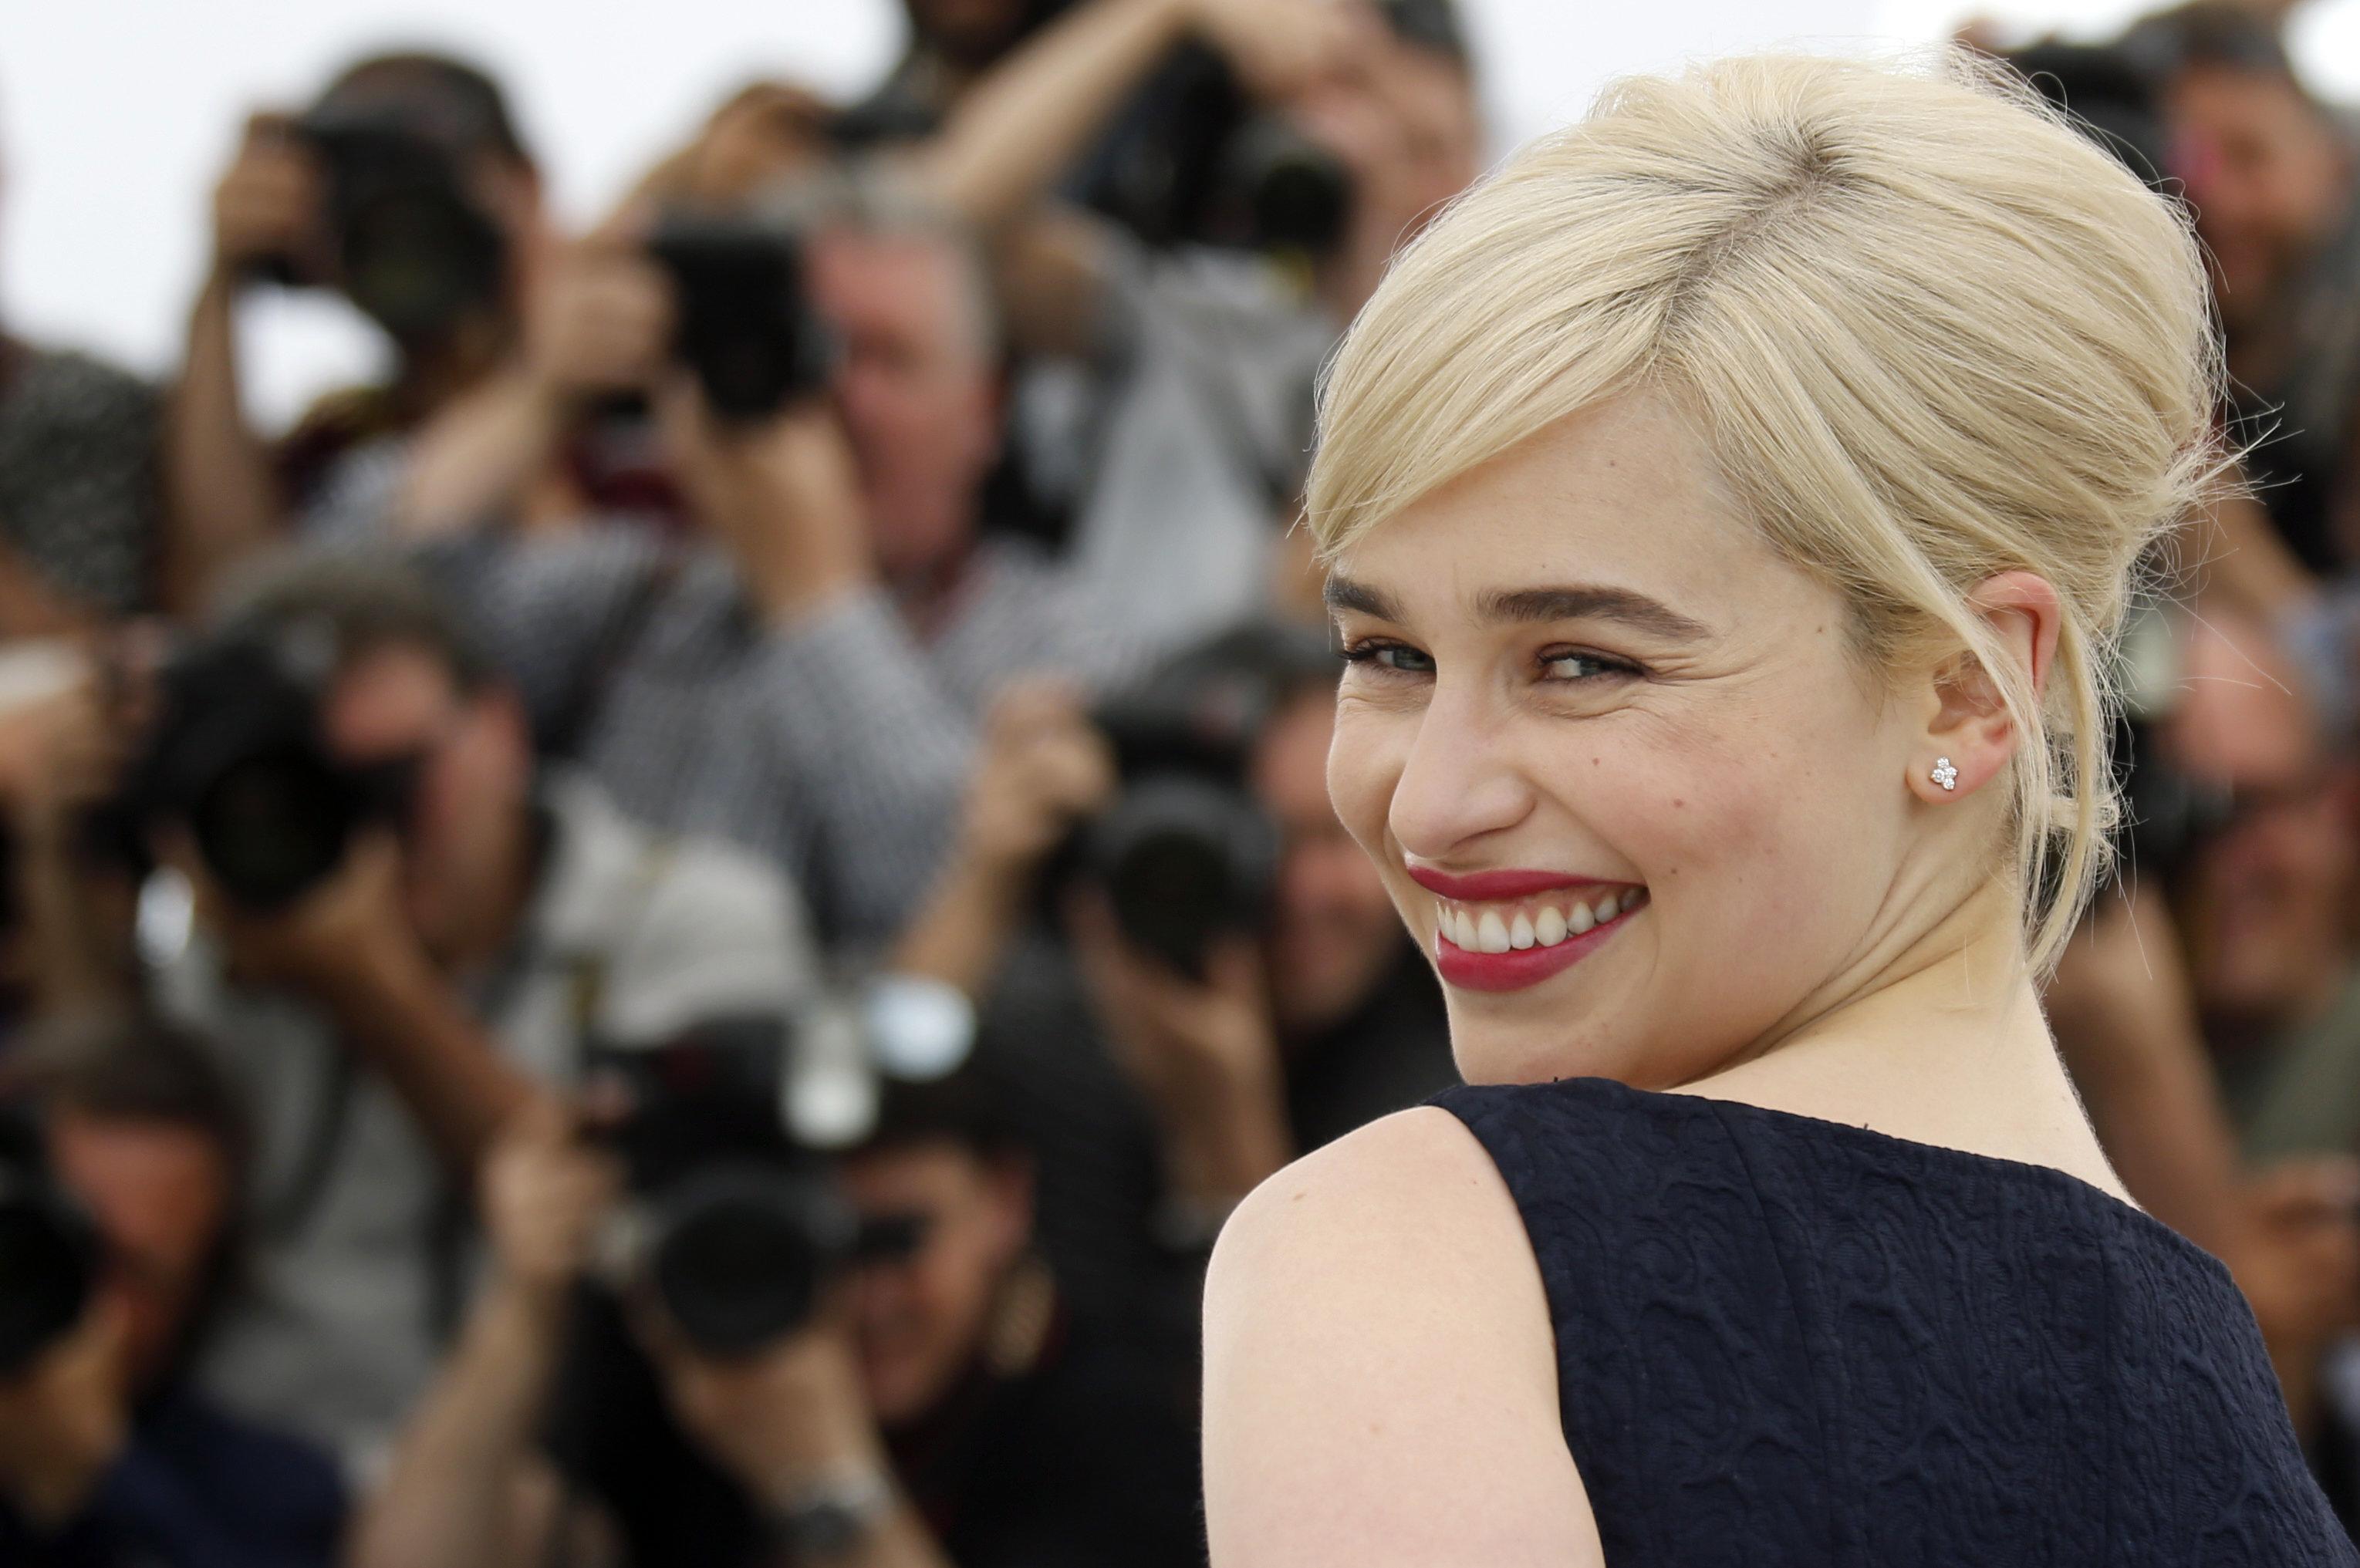 Η Emilia Clarke αποκαλύπτει τους φόβους της για την τελευταία σκηνή του «Game of Thrones»